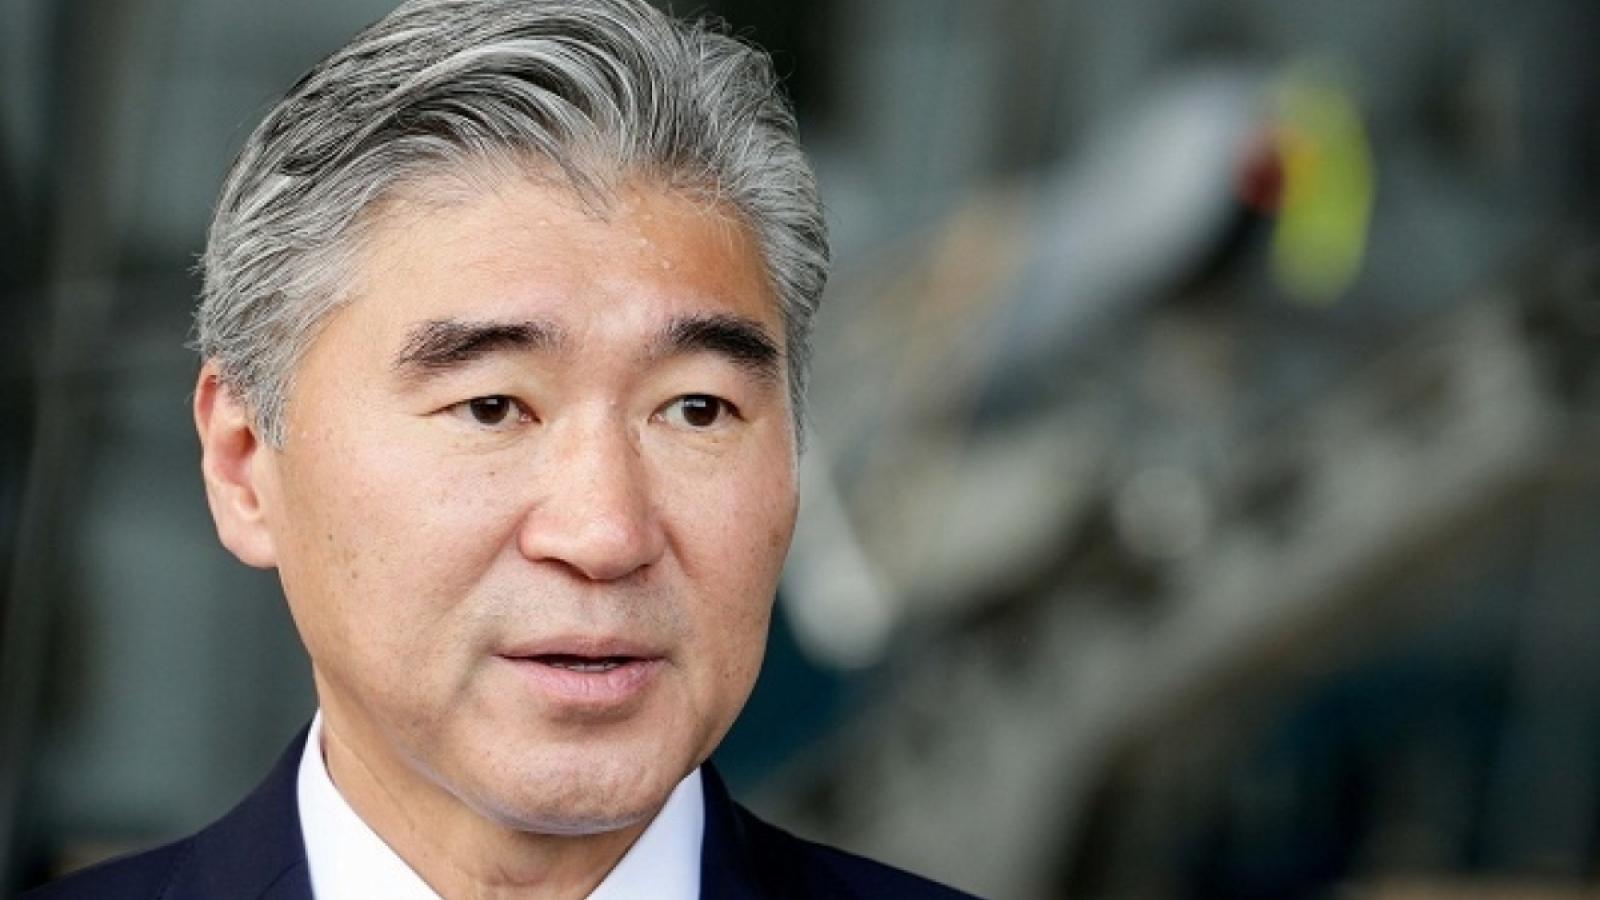 Đặc phái viên Mỹ - Hàn nhóm họp nhằm hạ nhiệt căng thẳng trên Bán đảo Triều Tiên